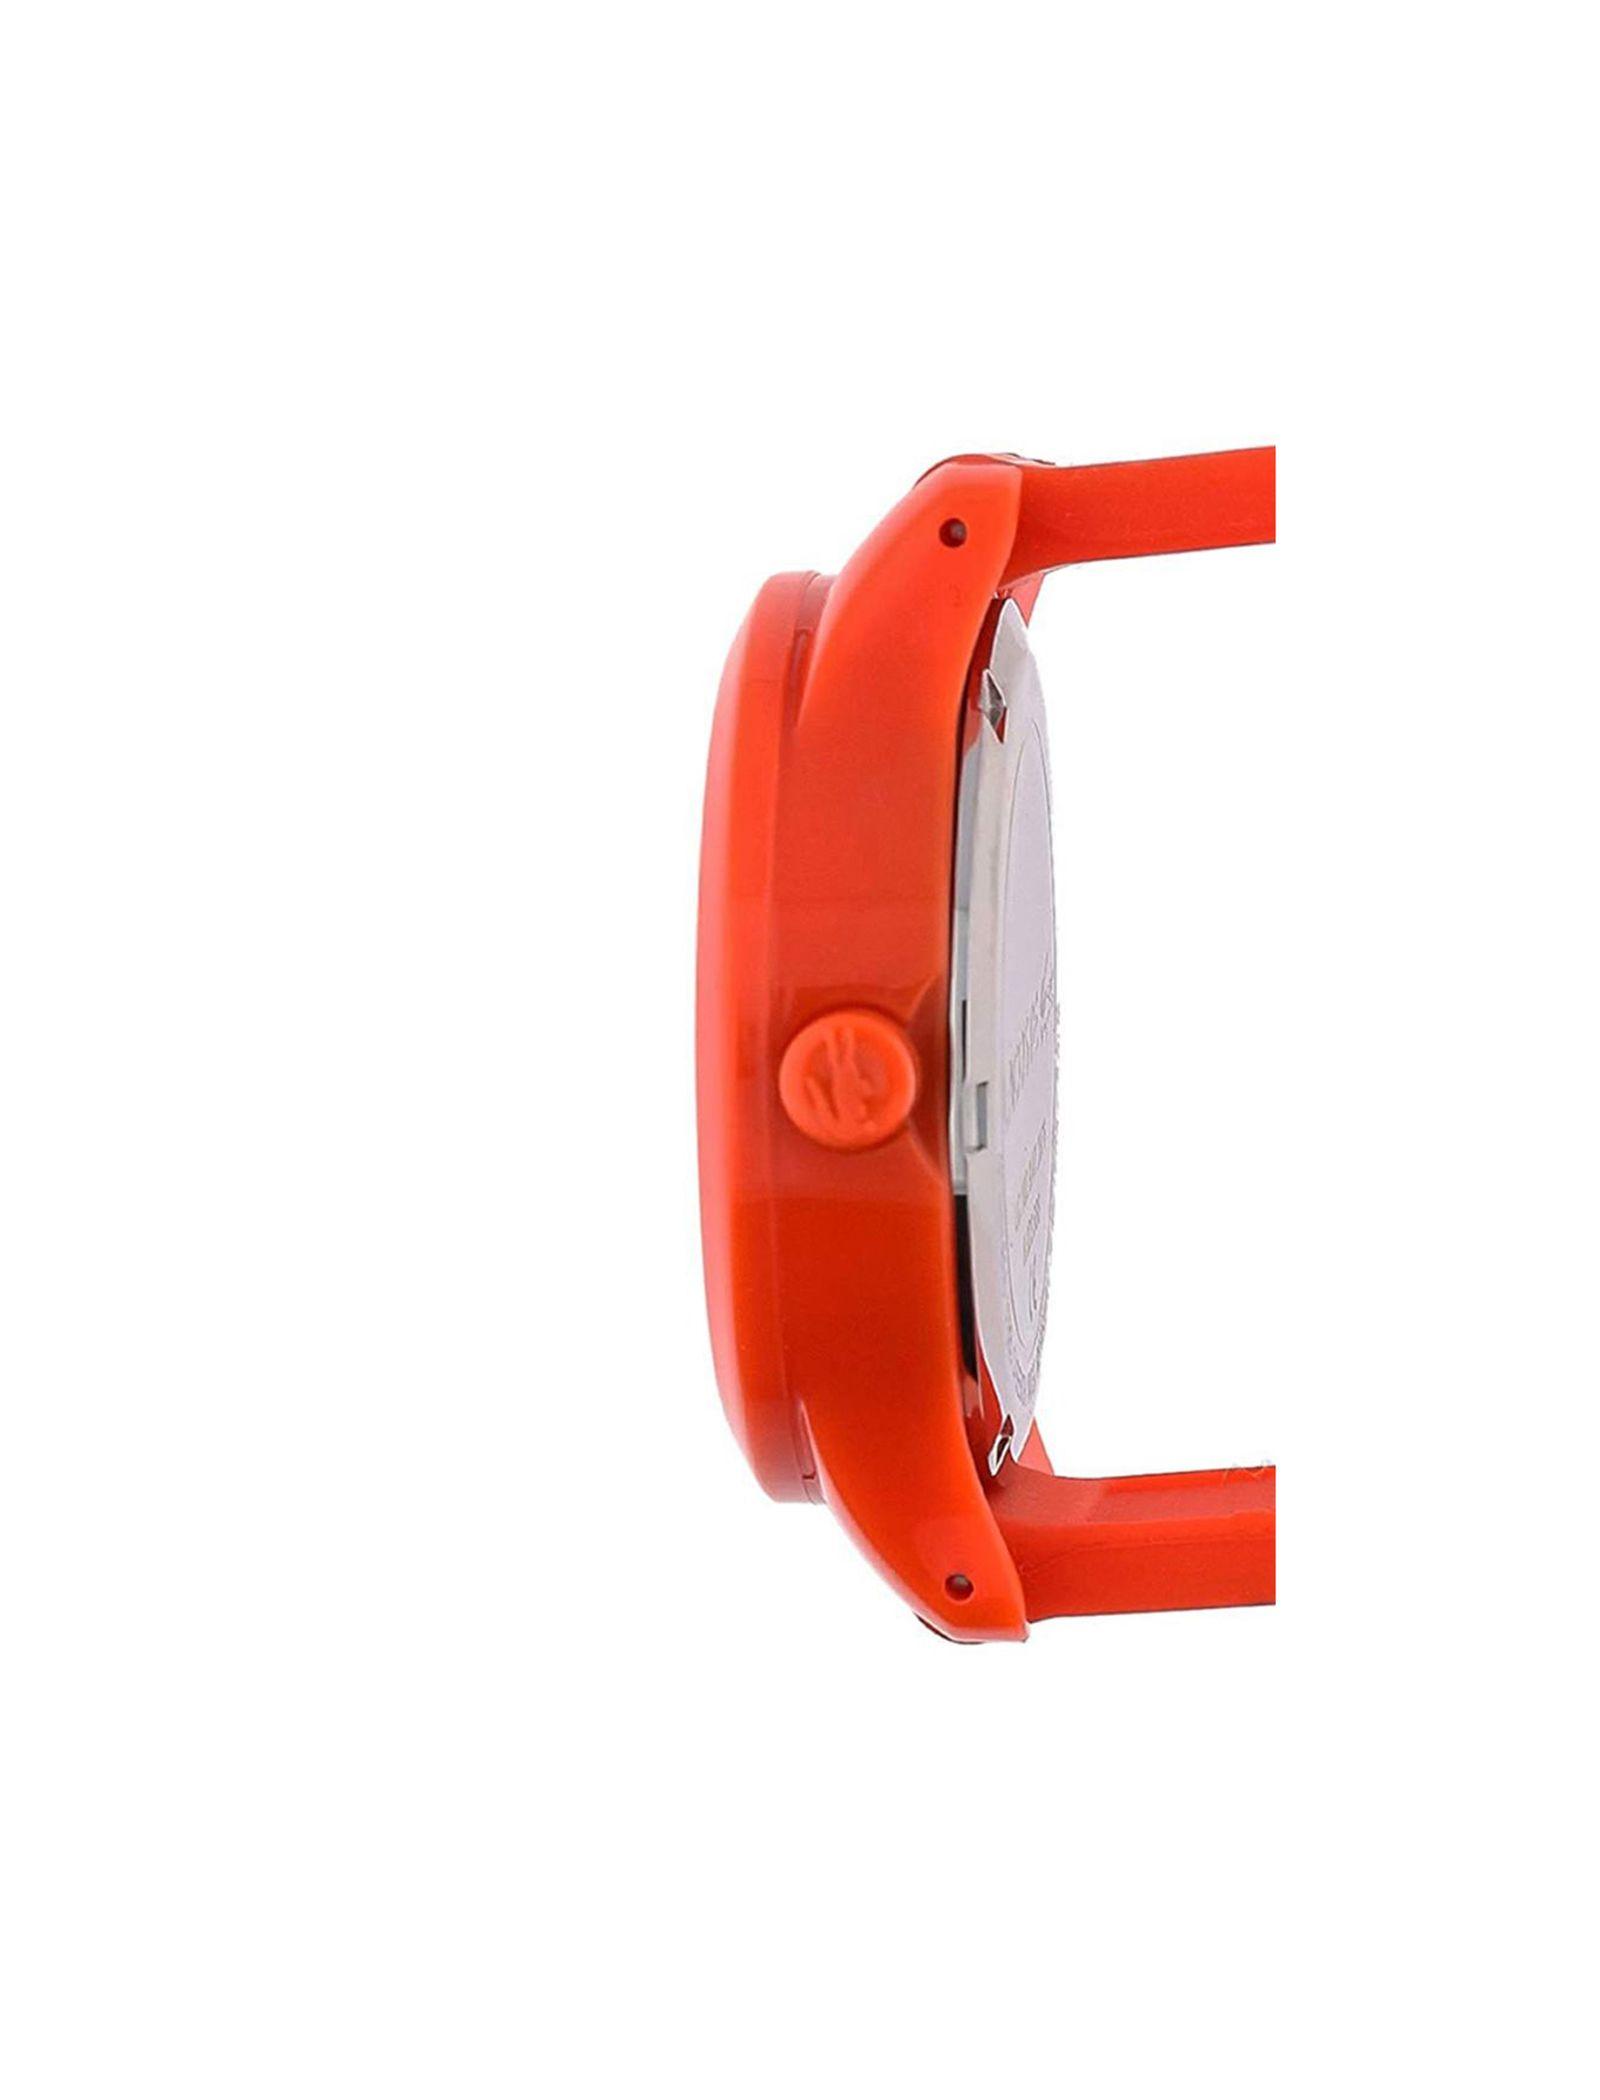 ساعت مچی عقربه ای بچگانه لاگوست مدل 2030010 - نارنجی - 2